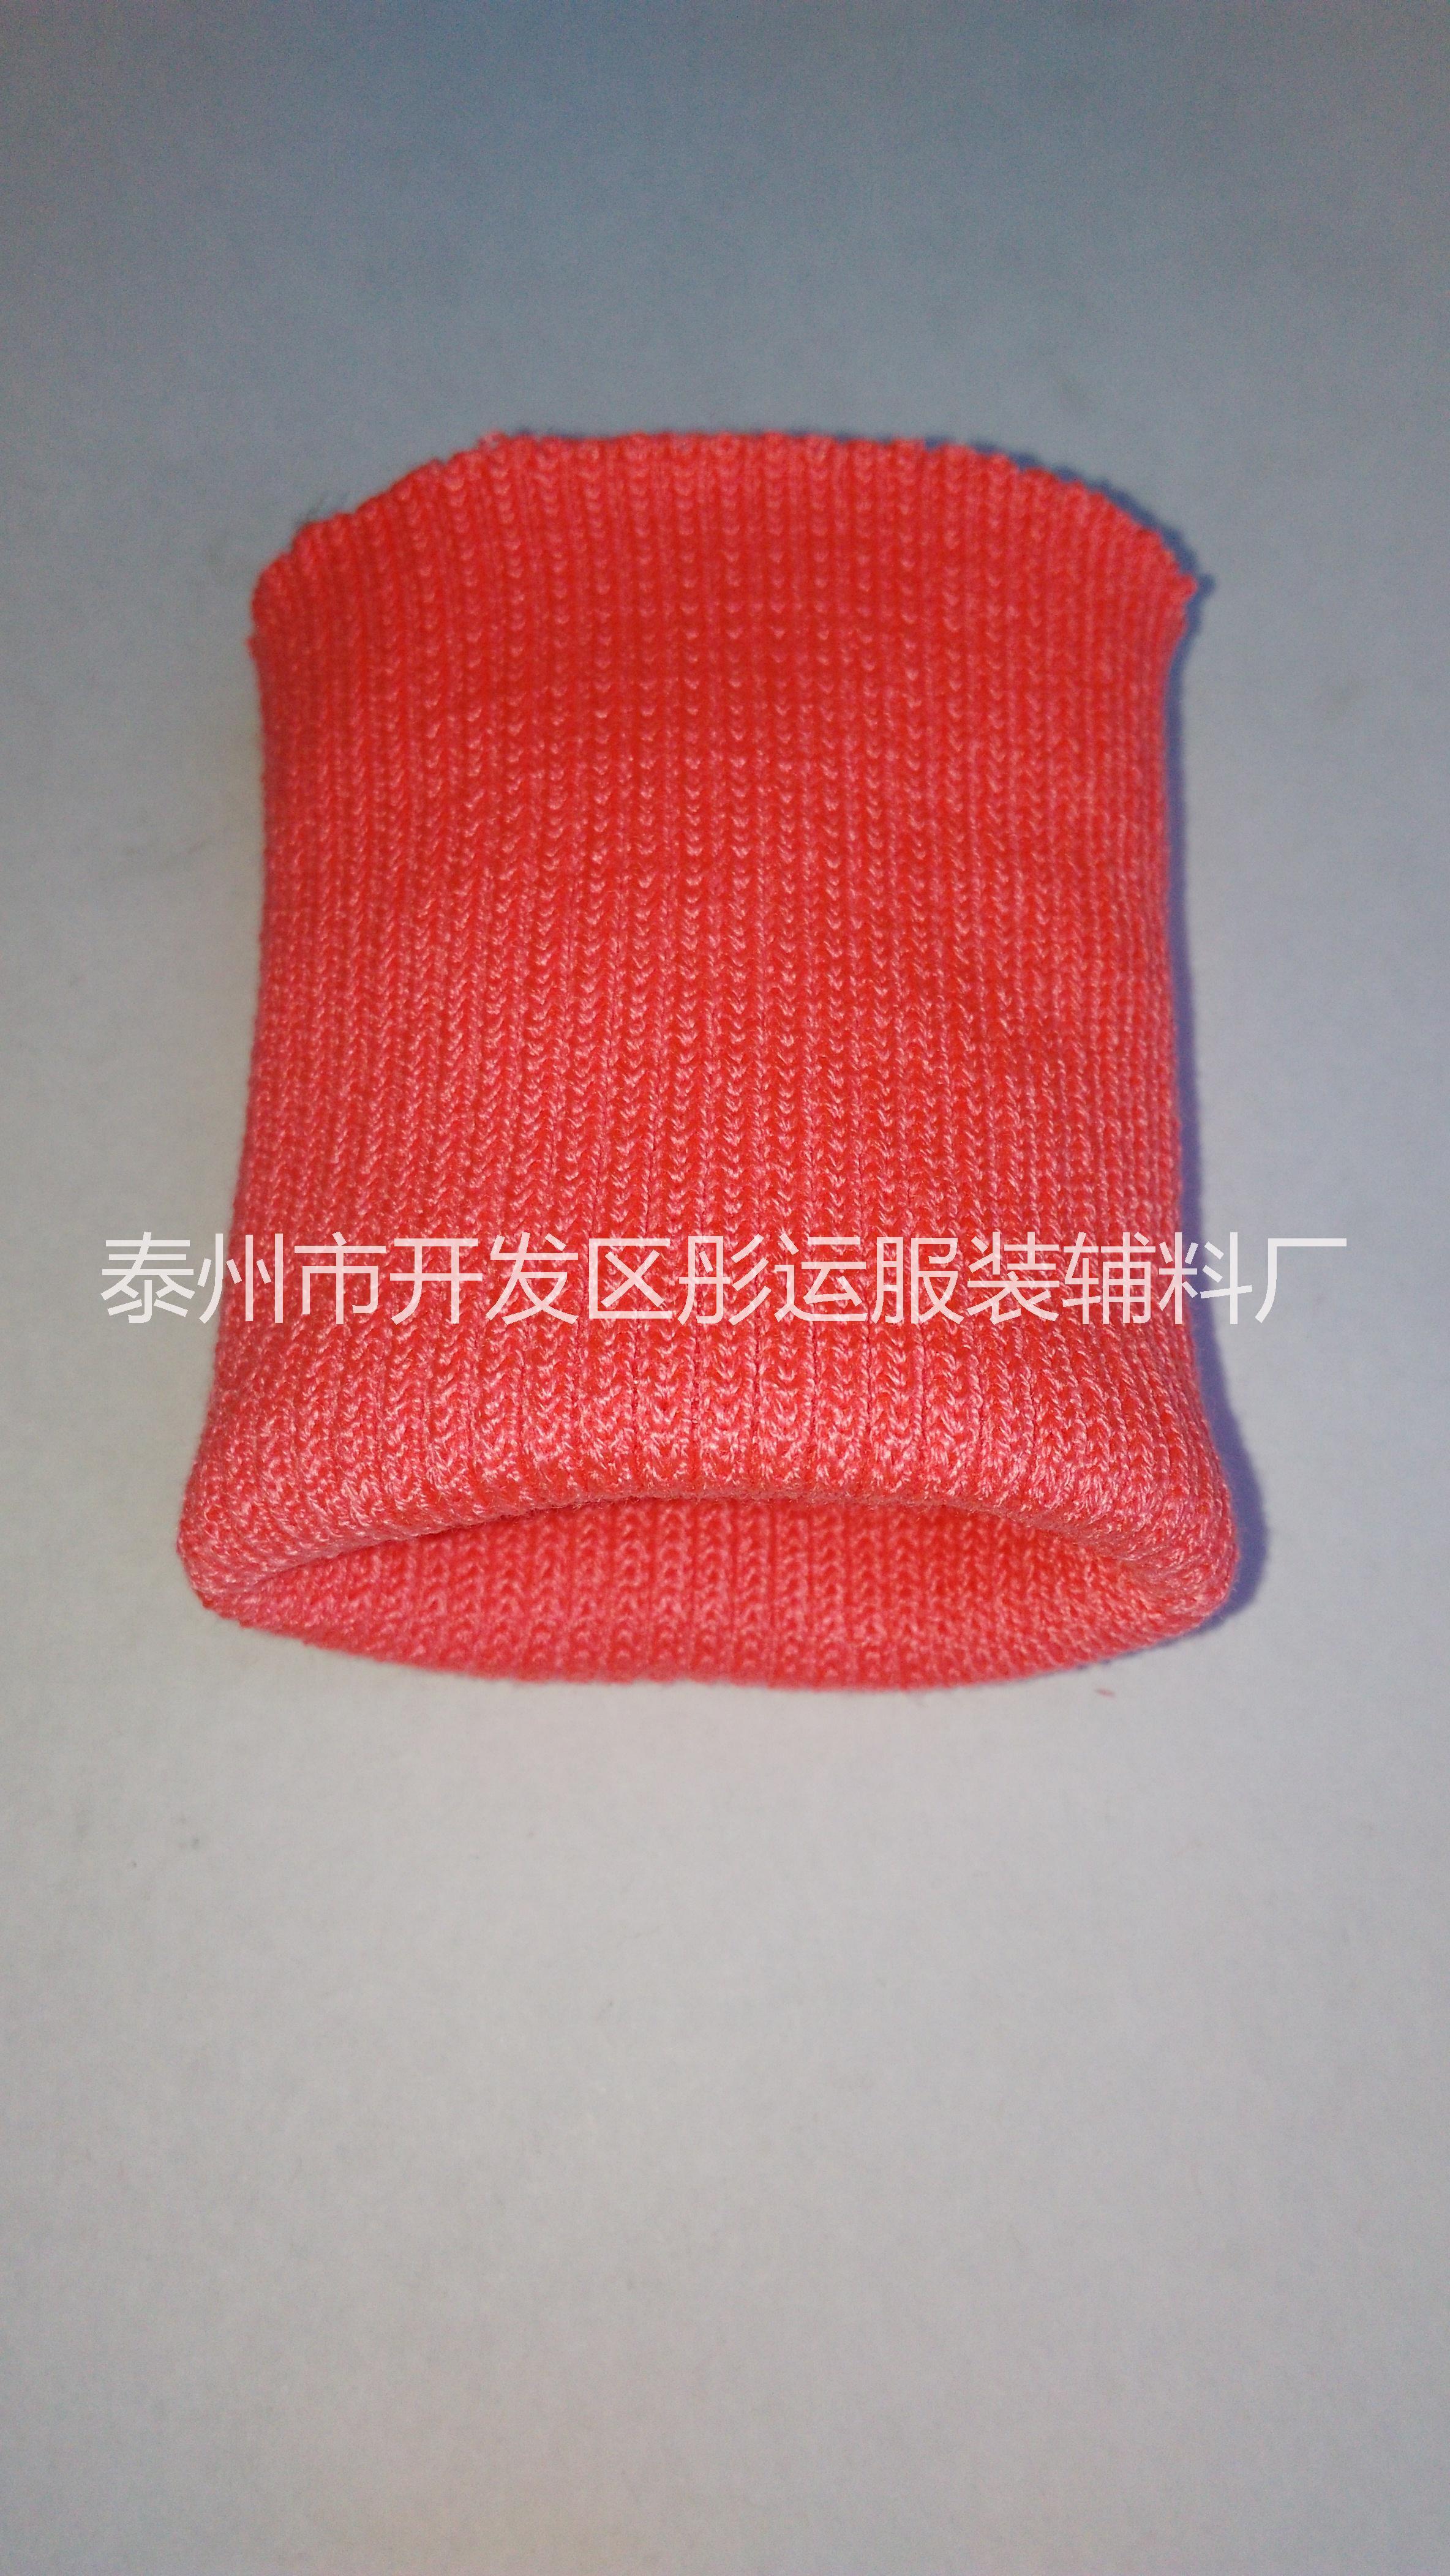 小园机罗纹袖口图片/小园机罗纹袖口样板图 (1)